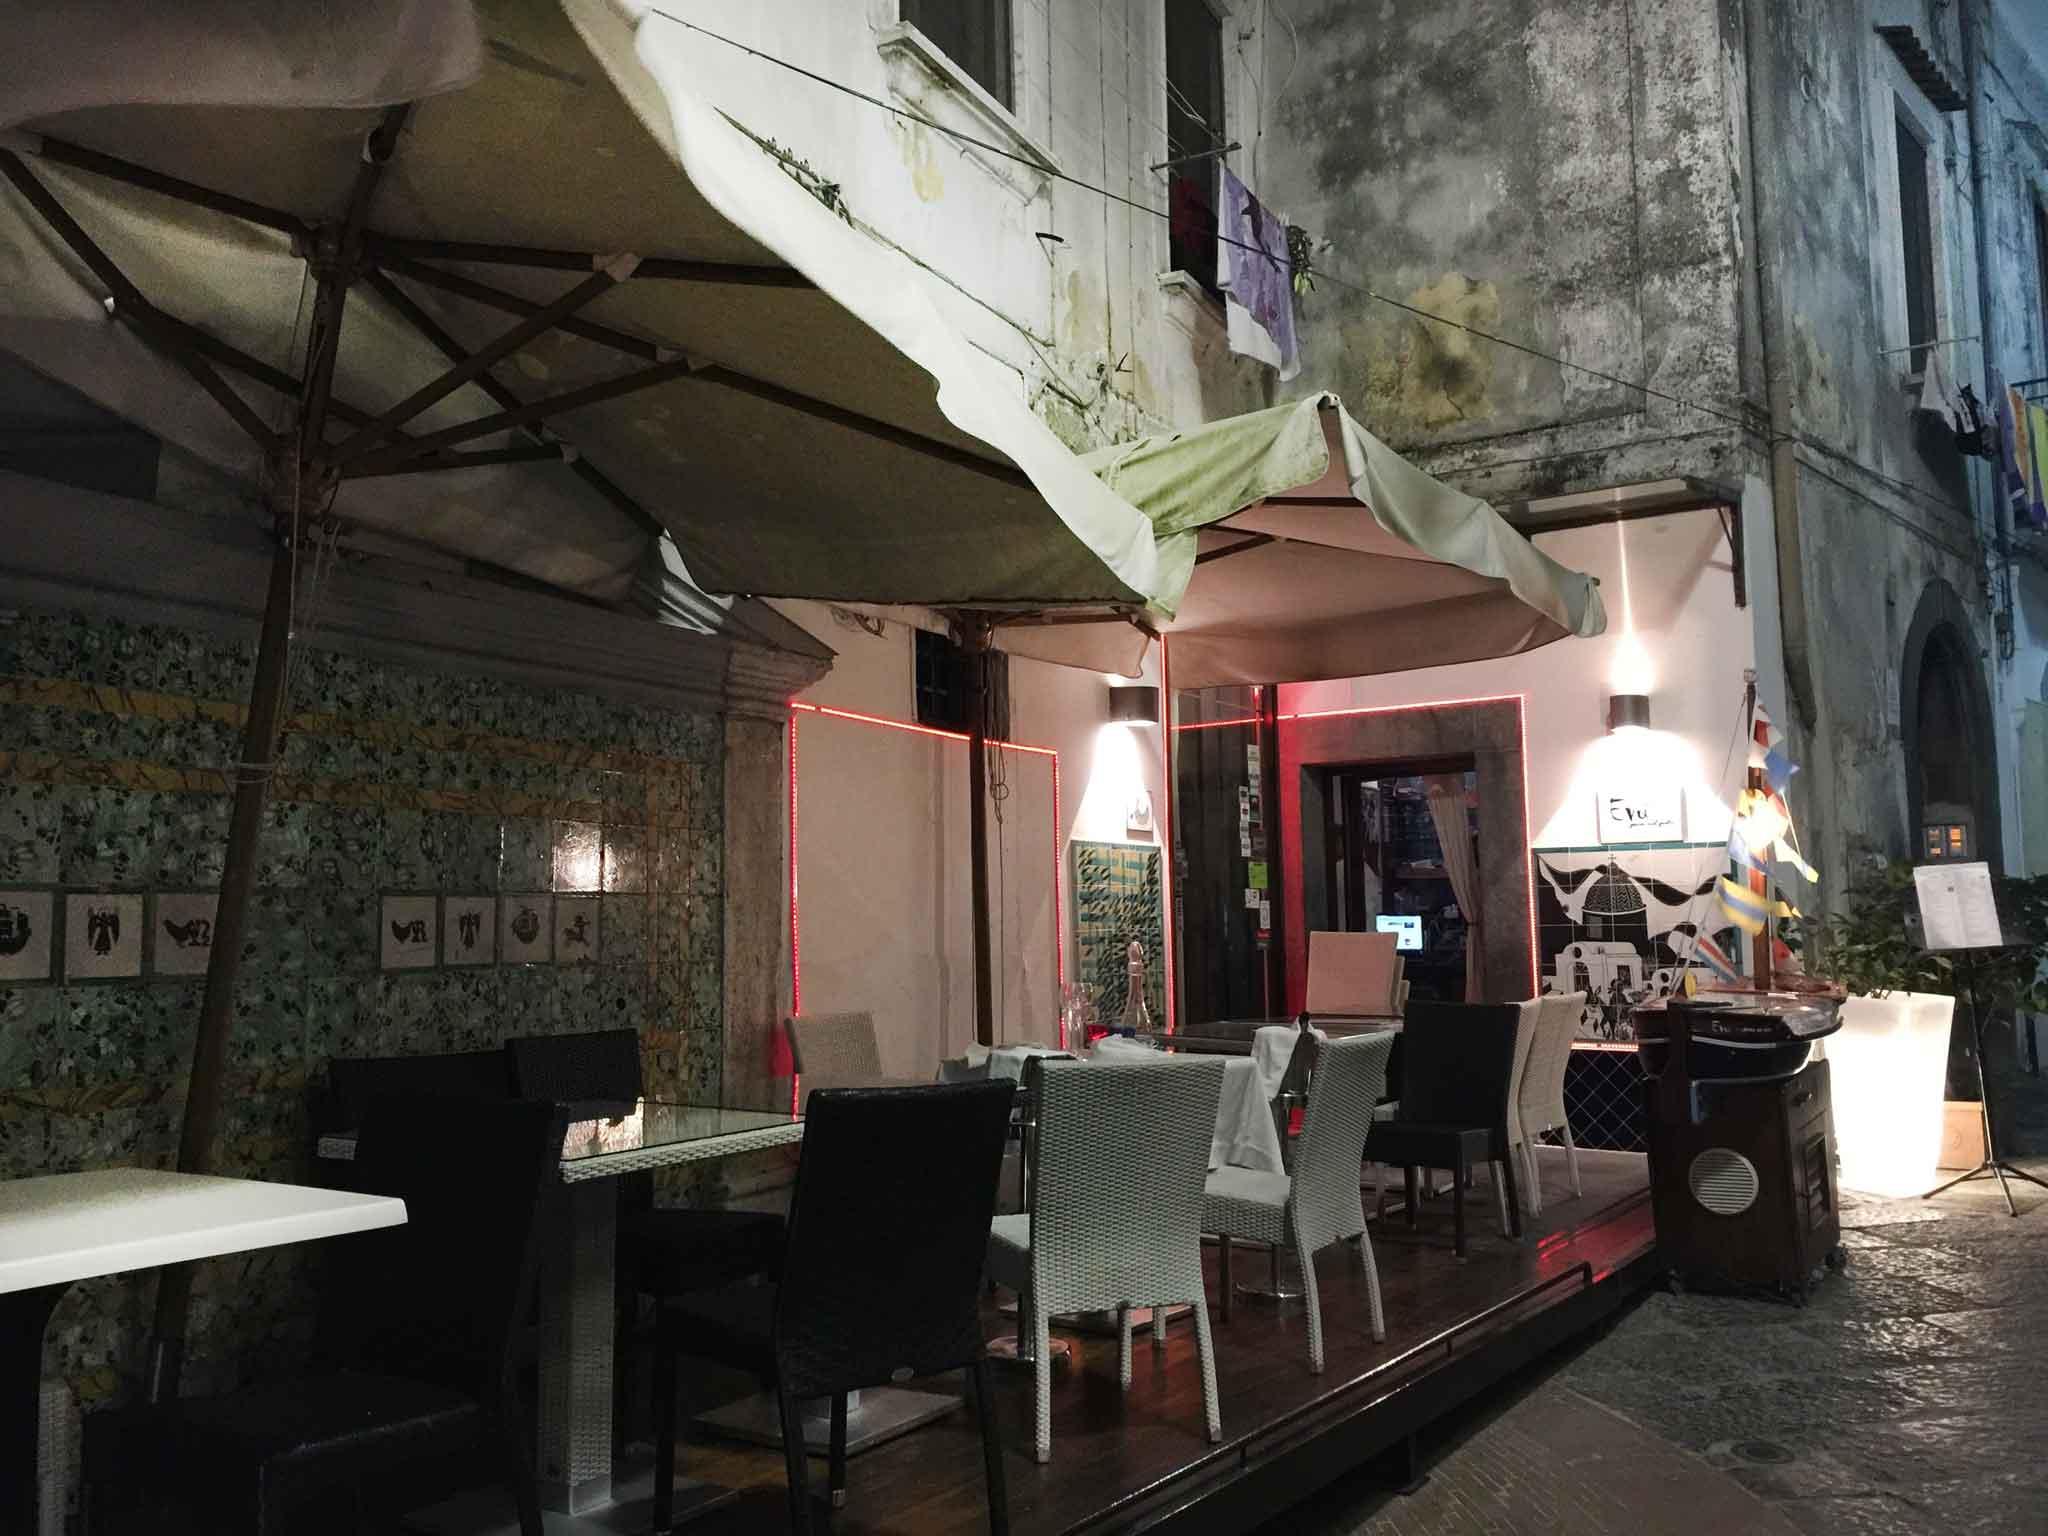 Evù ristorante Vietri sul Mare